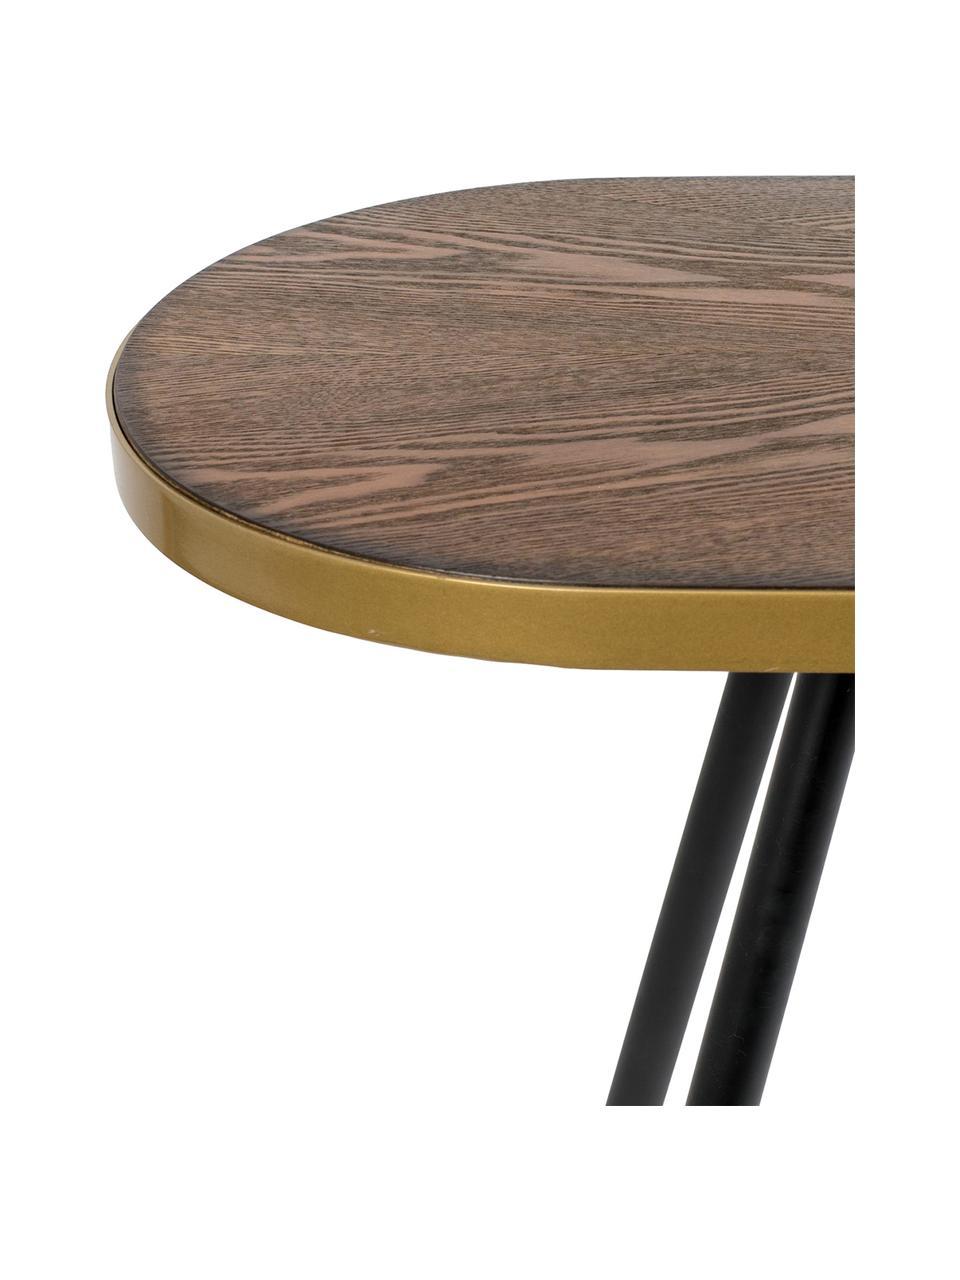 Console avec plateau ovale Denise, Bois de frêne, couleur dorée